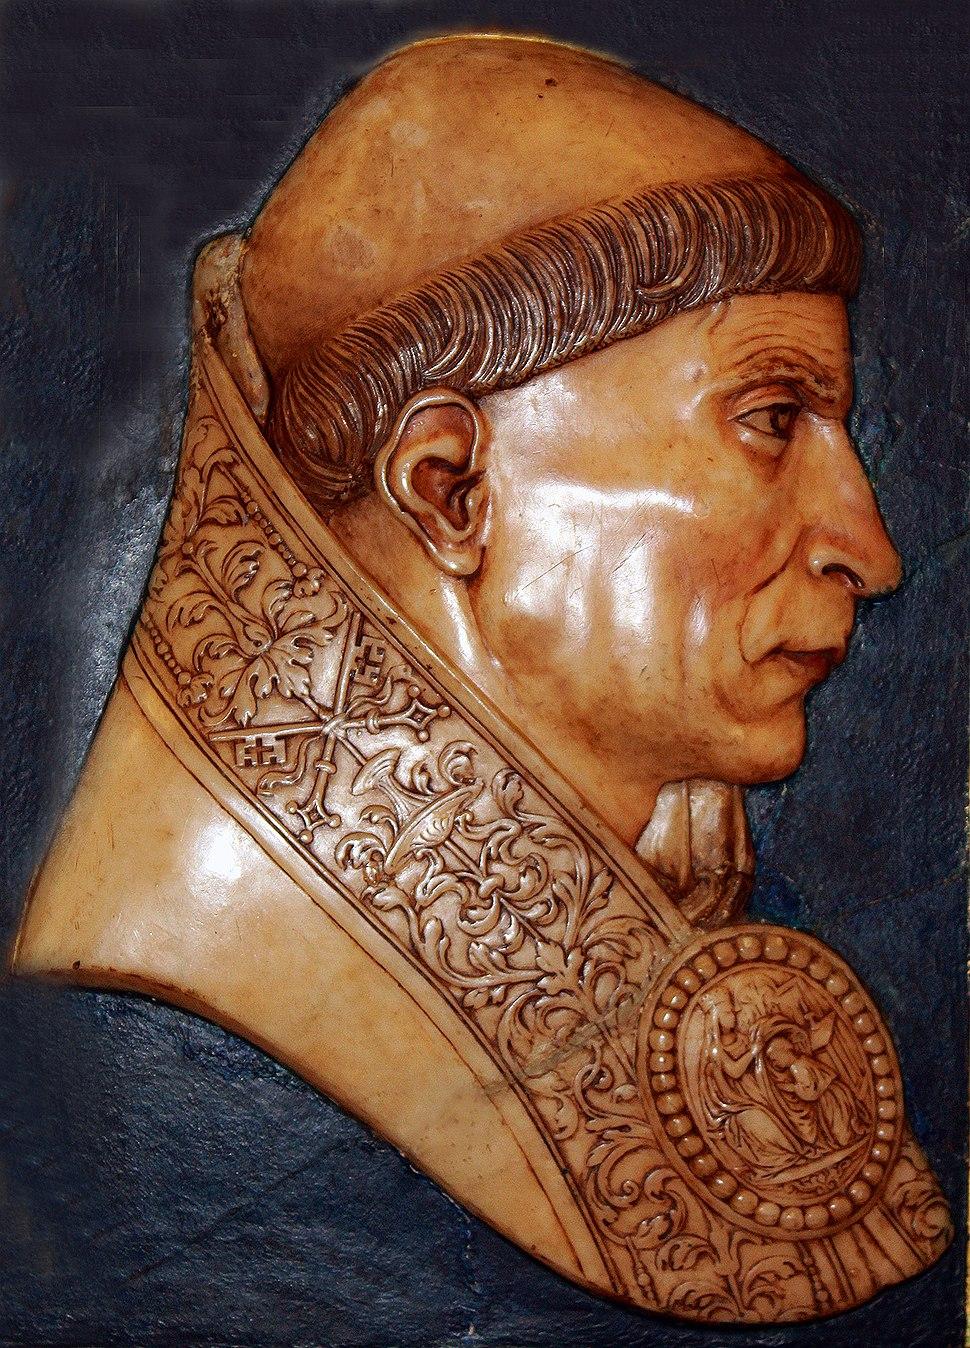 Felipe Bigarny (1502-1518) Cardenal Cisneros, relieve